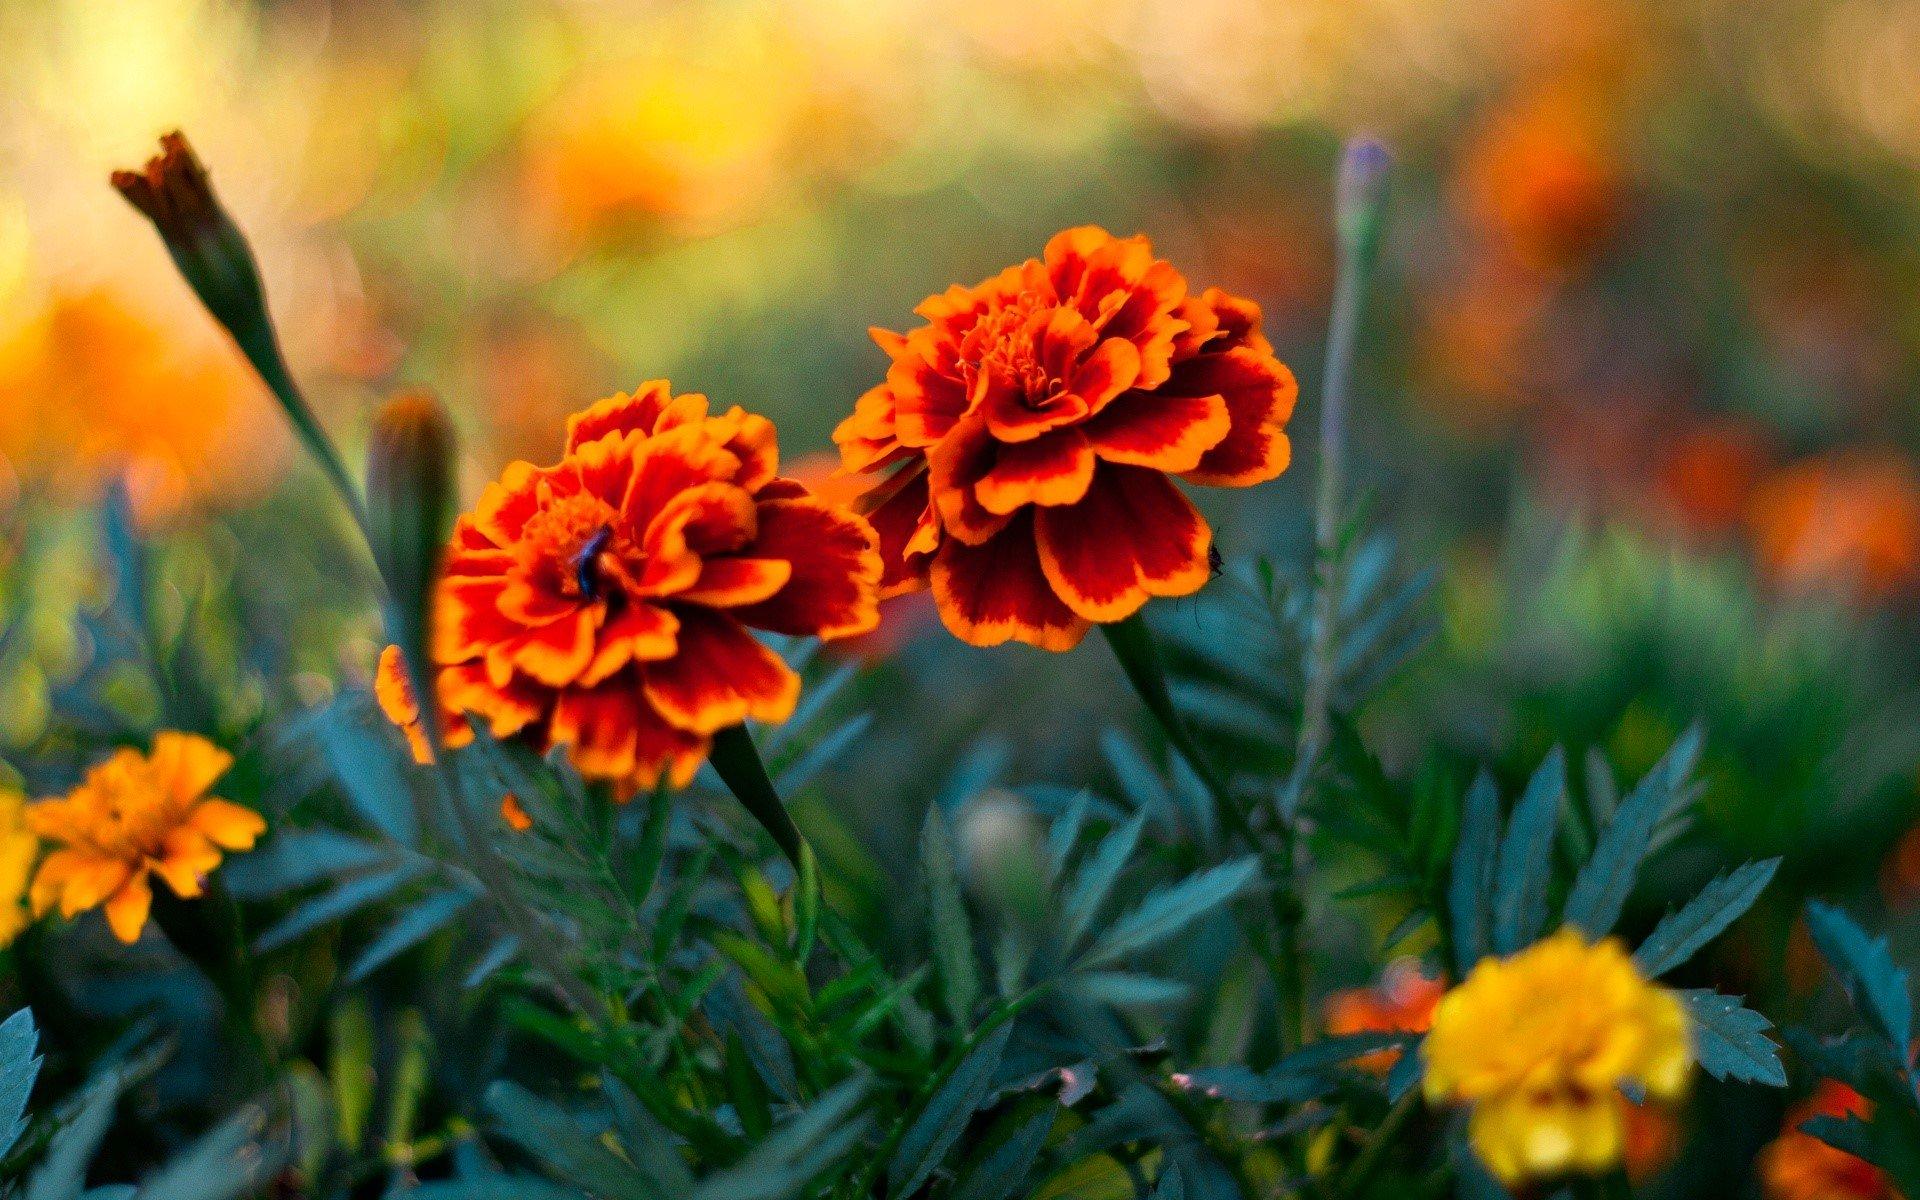 Fondos de pantalla Un par de flores